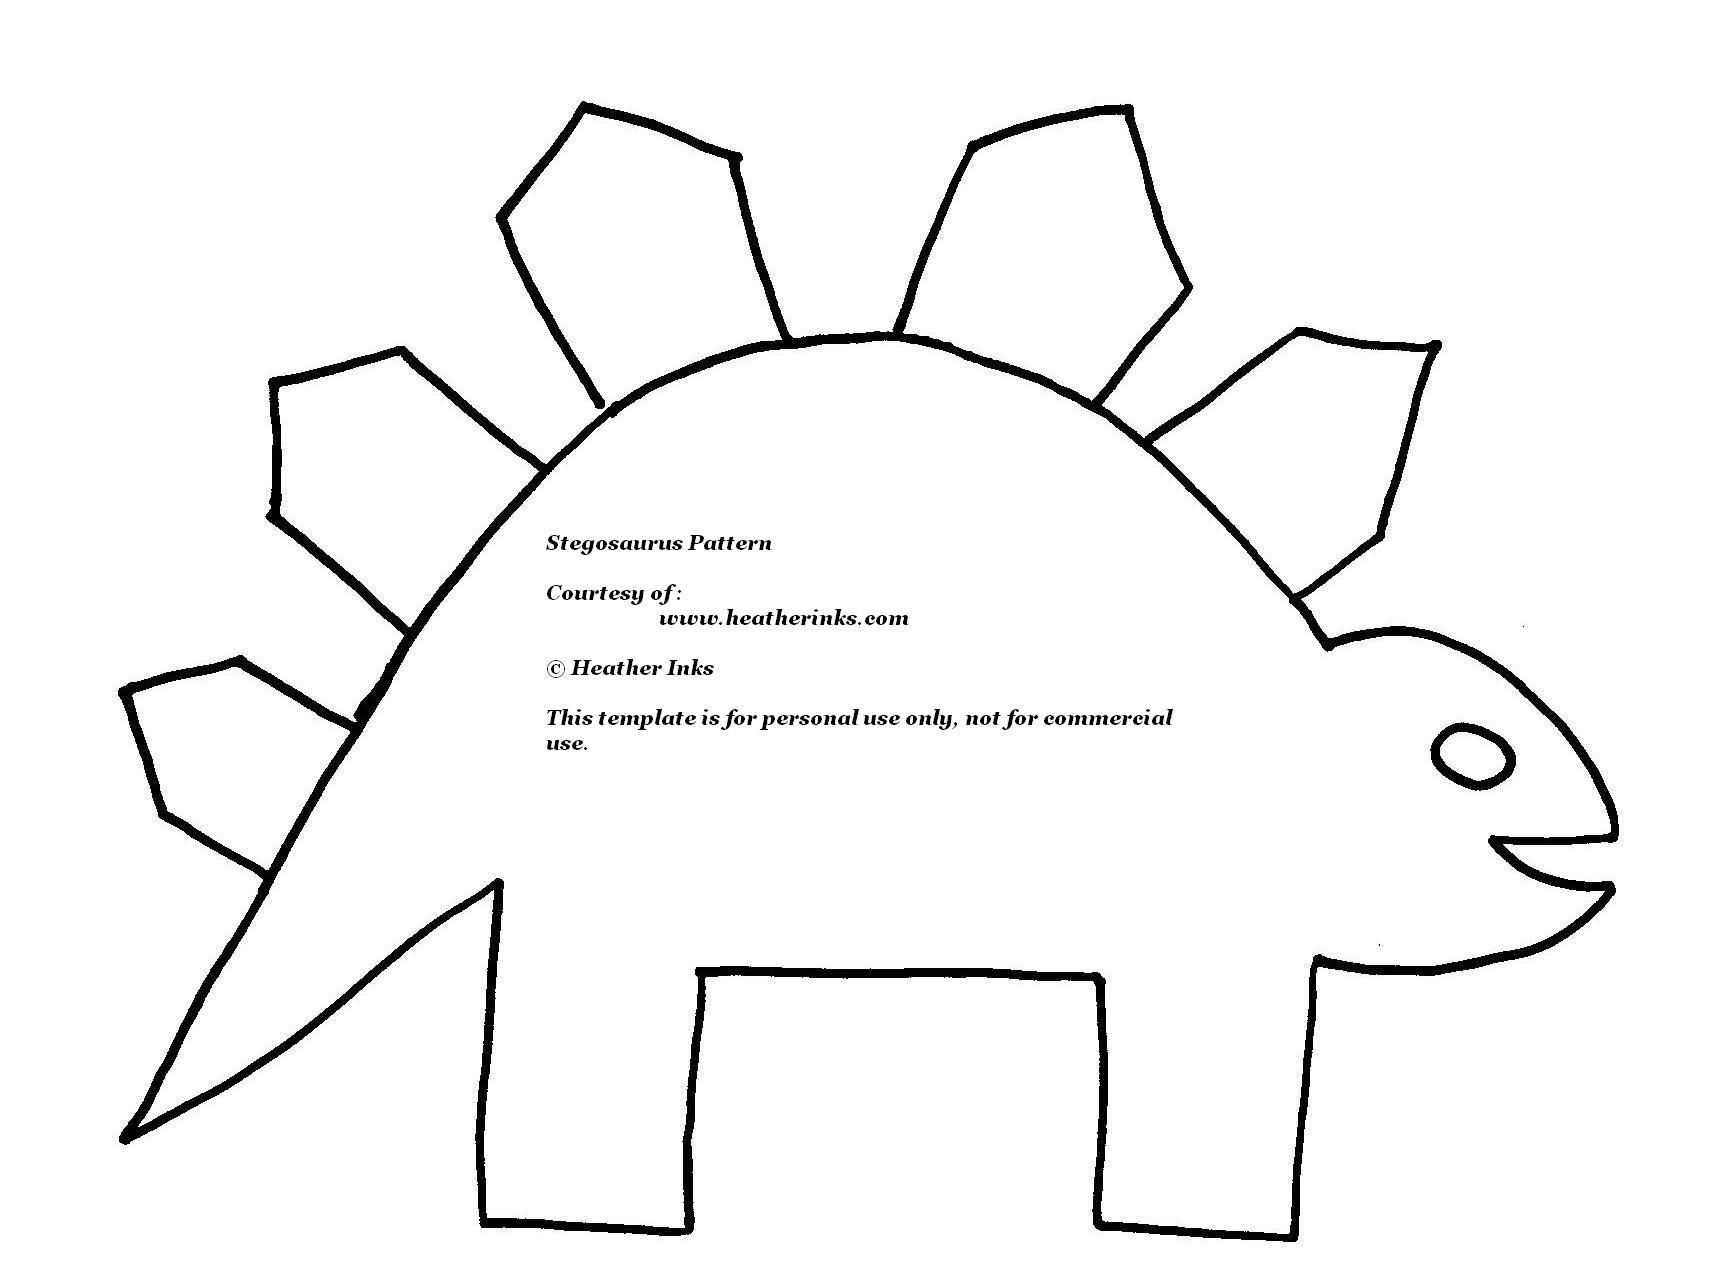 5 Images of Preschool Printable Dinosaur Pattern